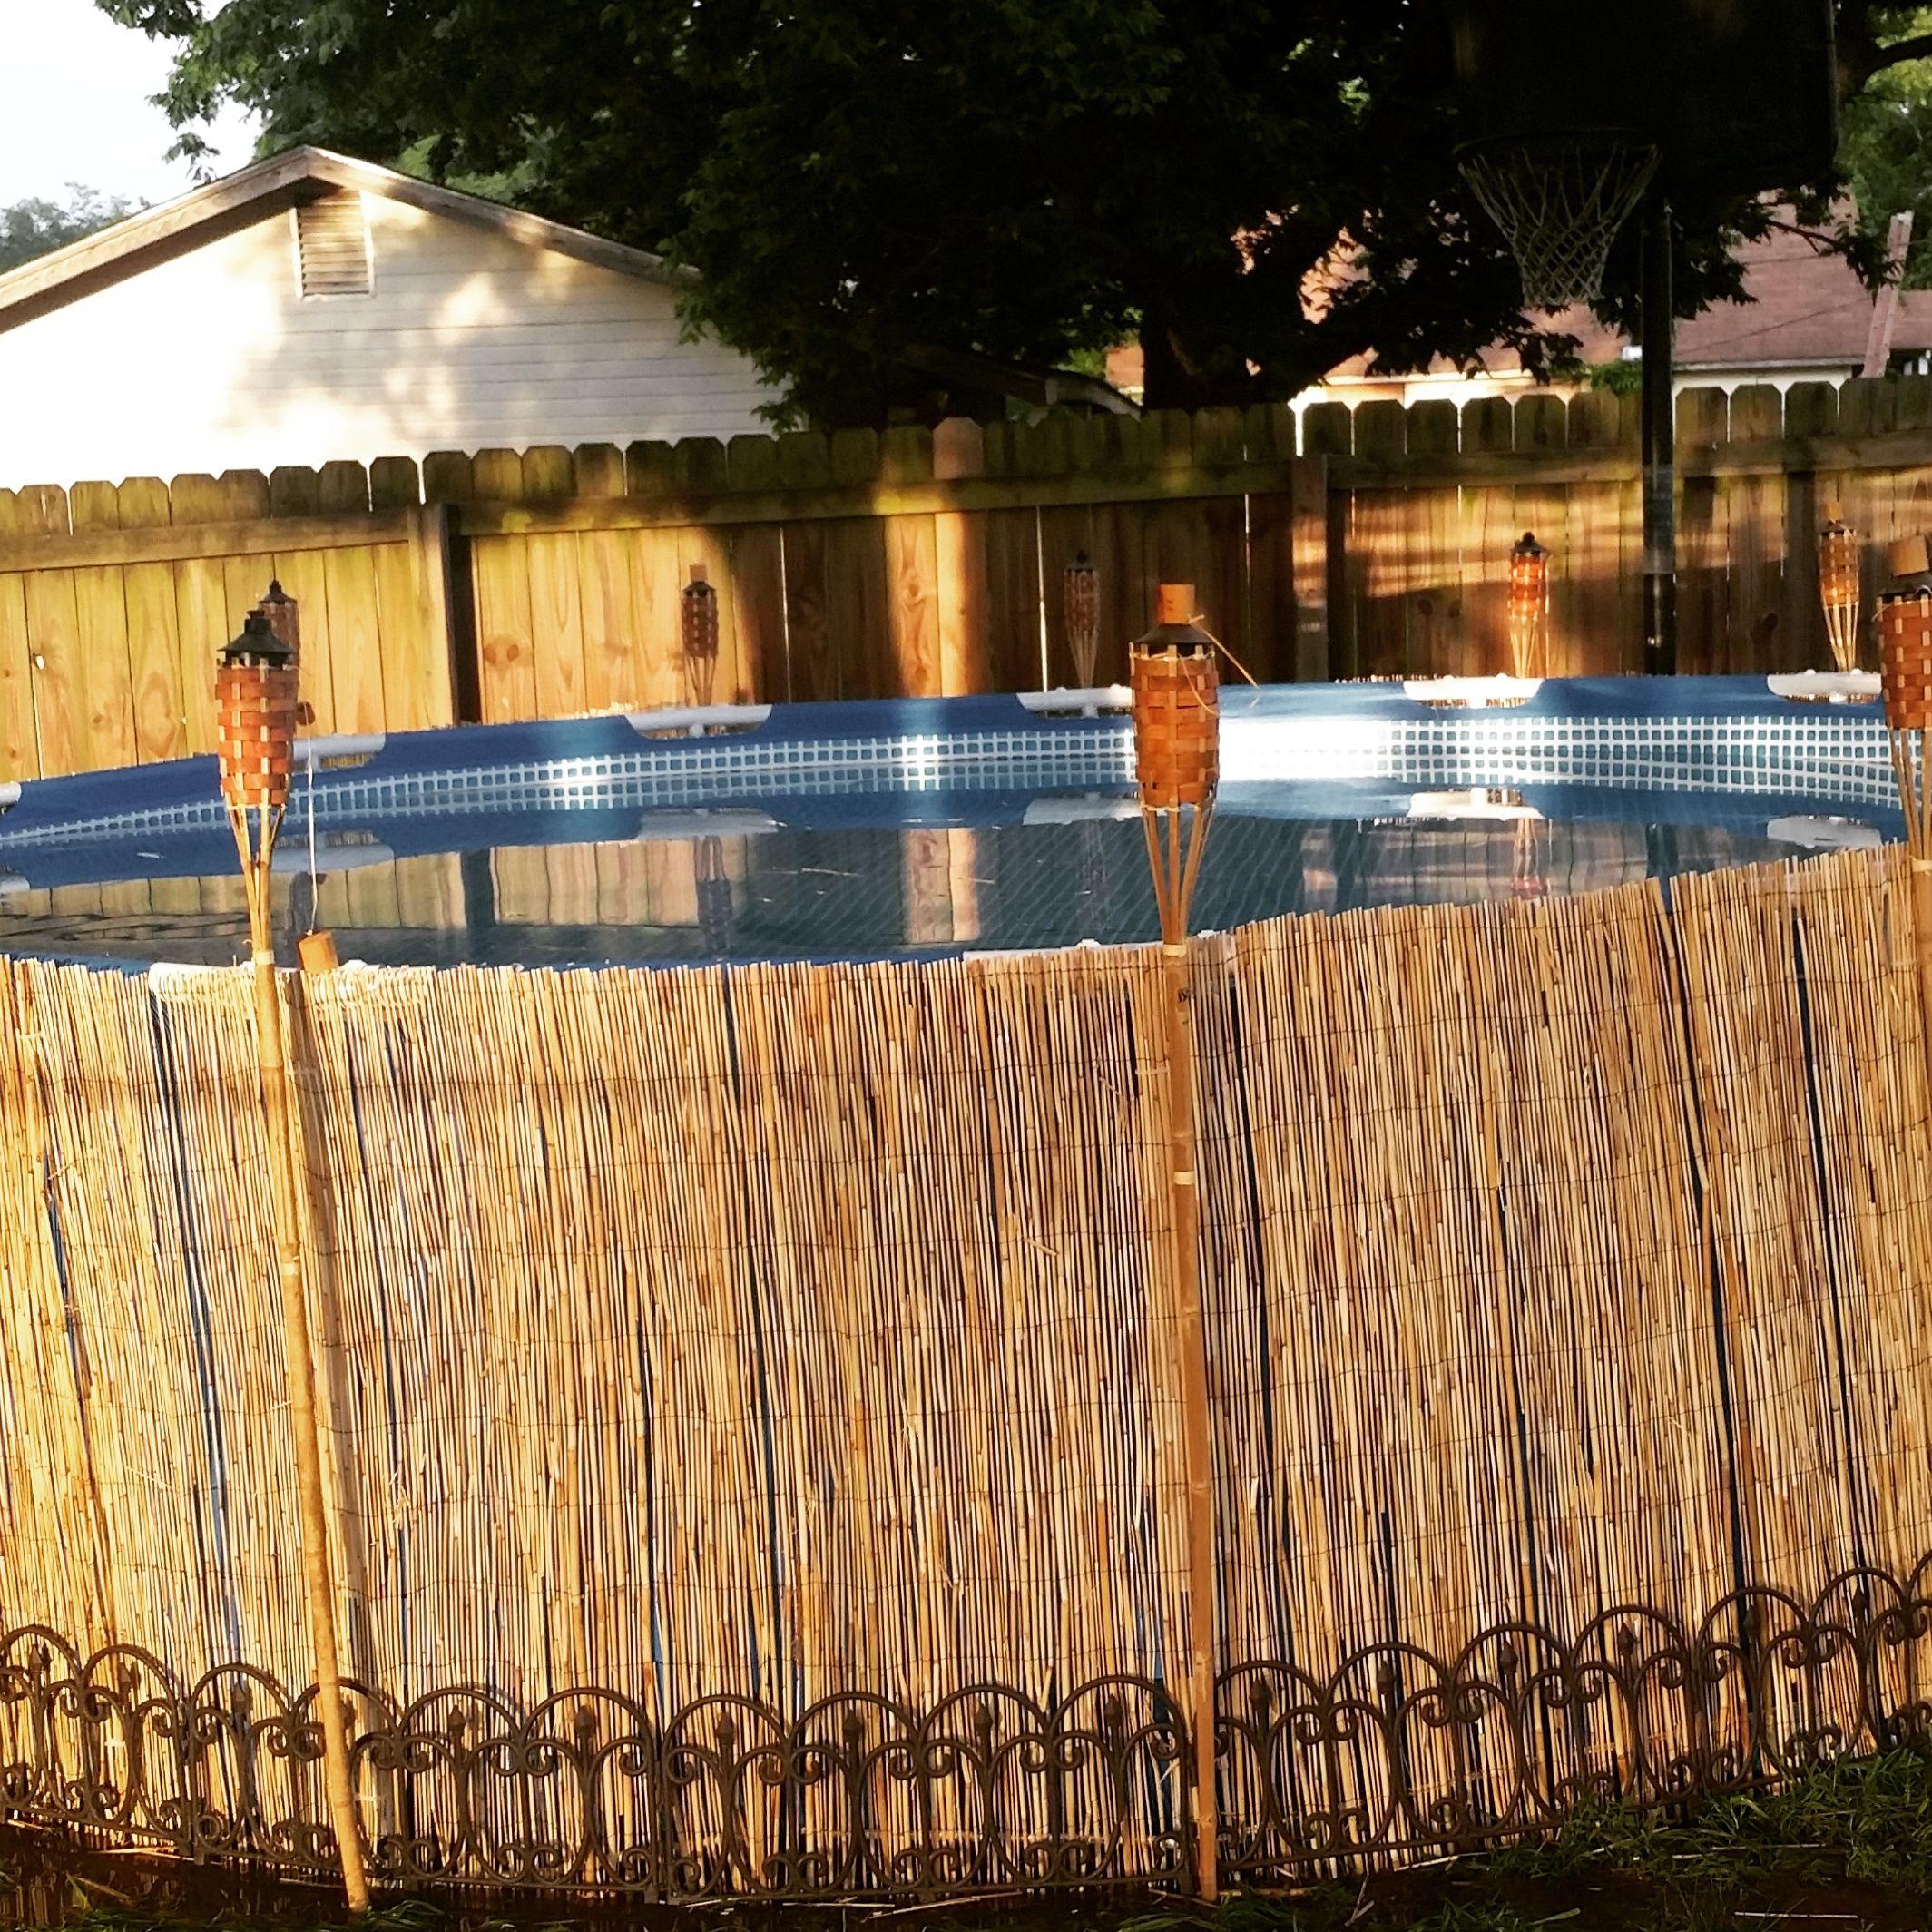 Une façon simple et jolie d intégrer sa piscine dans son jardin !  jardin   piscine  idée  inspiration  déco  hors-sol  tubulaire  raviday  aime 9eec3022b15